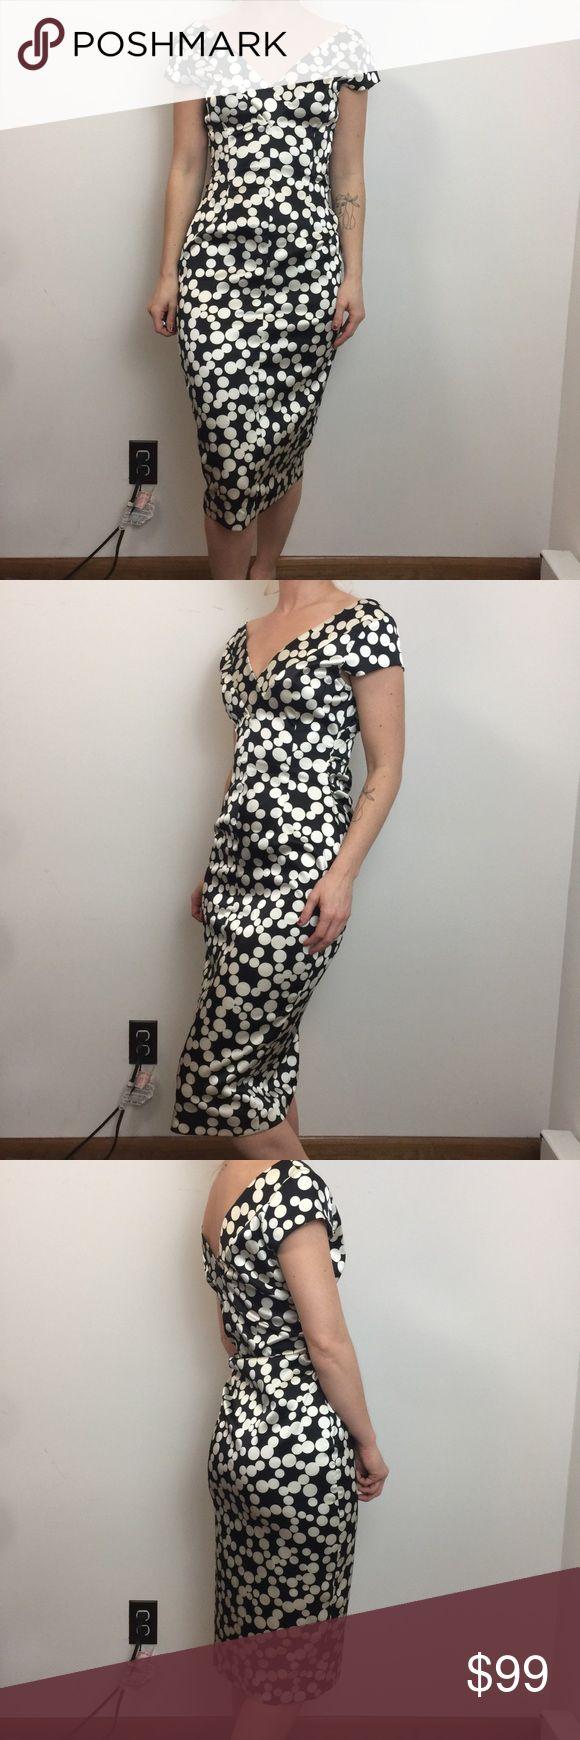 Reiss Dress Reiss Dress Reiss Dresses